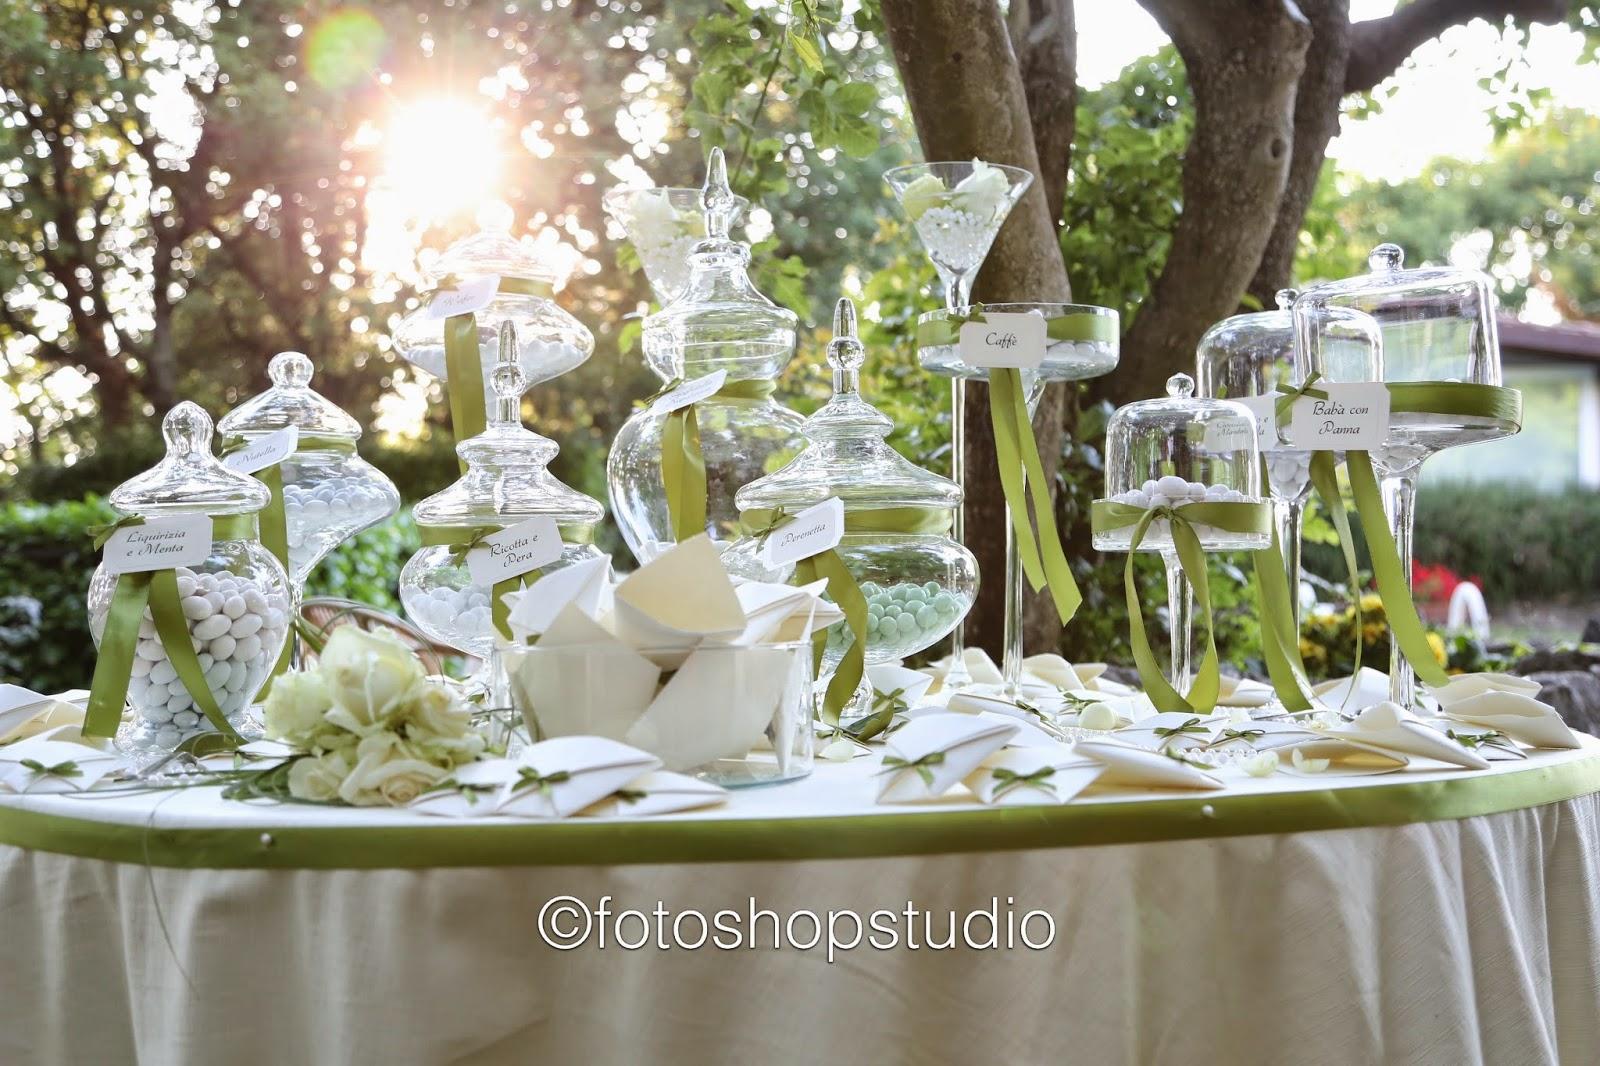 Felici contenti organizzazione eventi e matrimoni for Addobbi per promessa di matrimonio